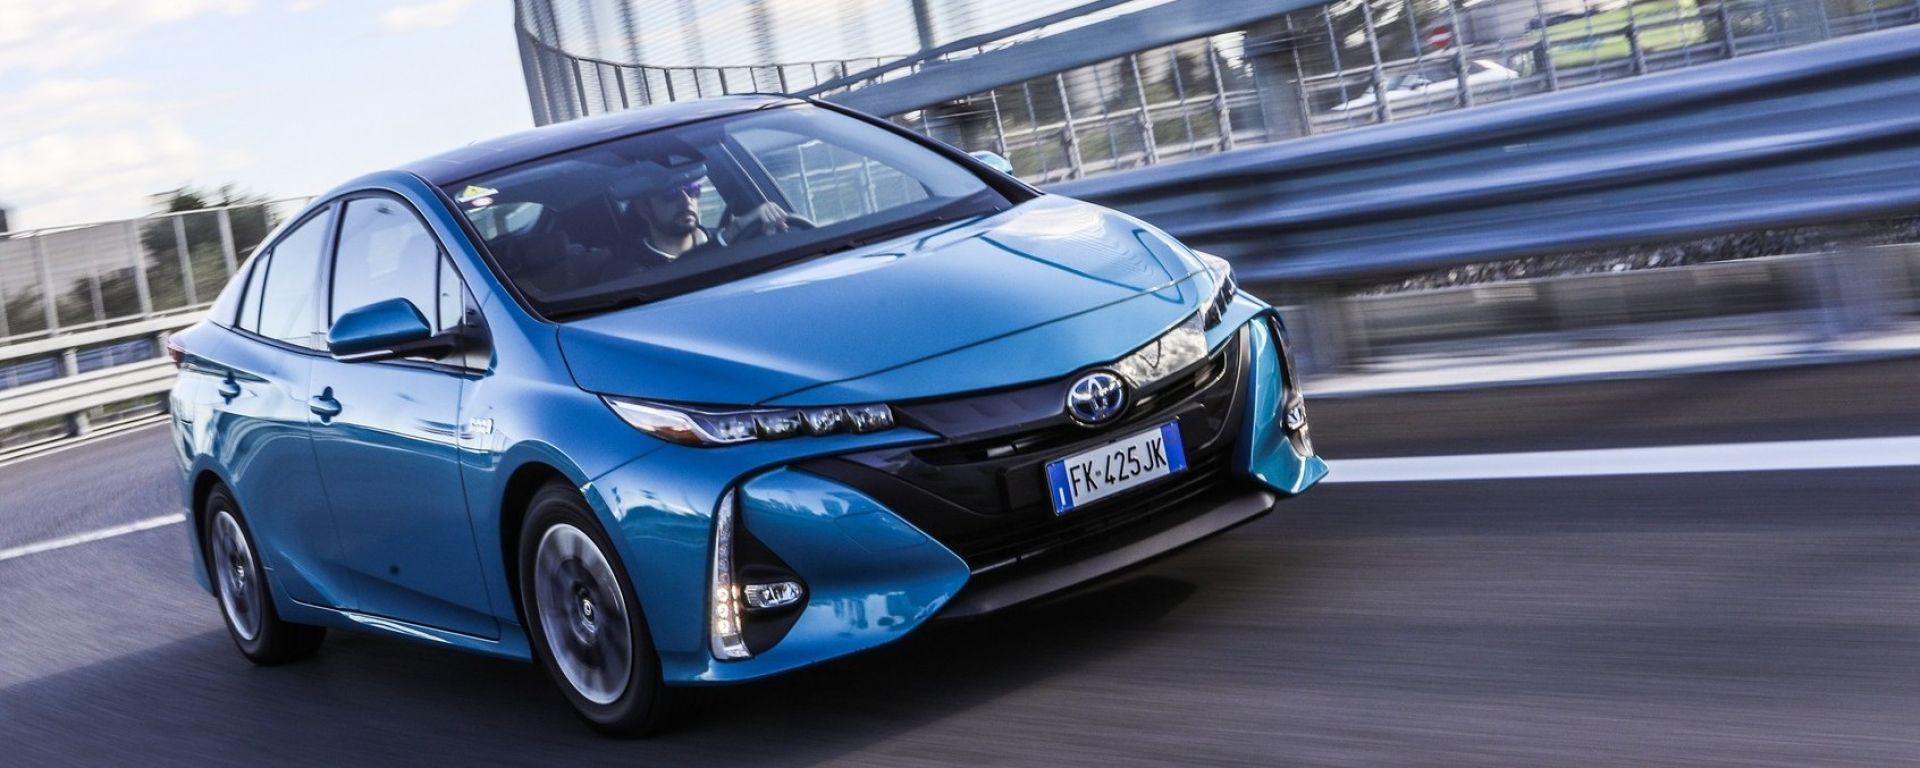 Toyota Prius Plug-In 2017 - la prova su strada, visuale anteriore